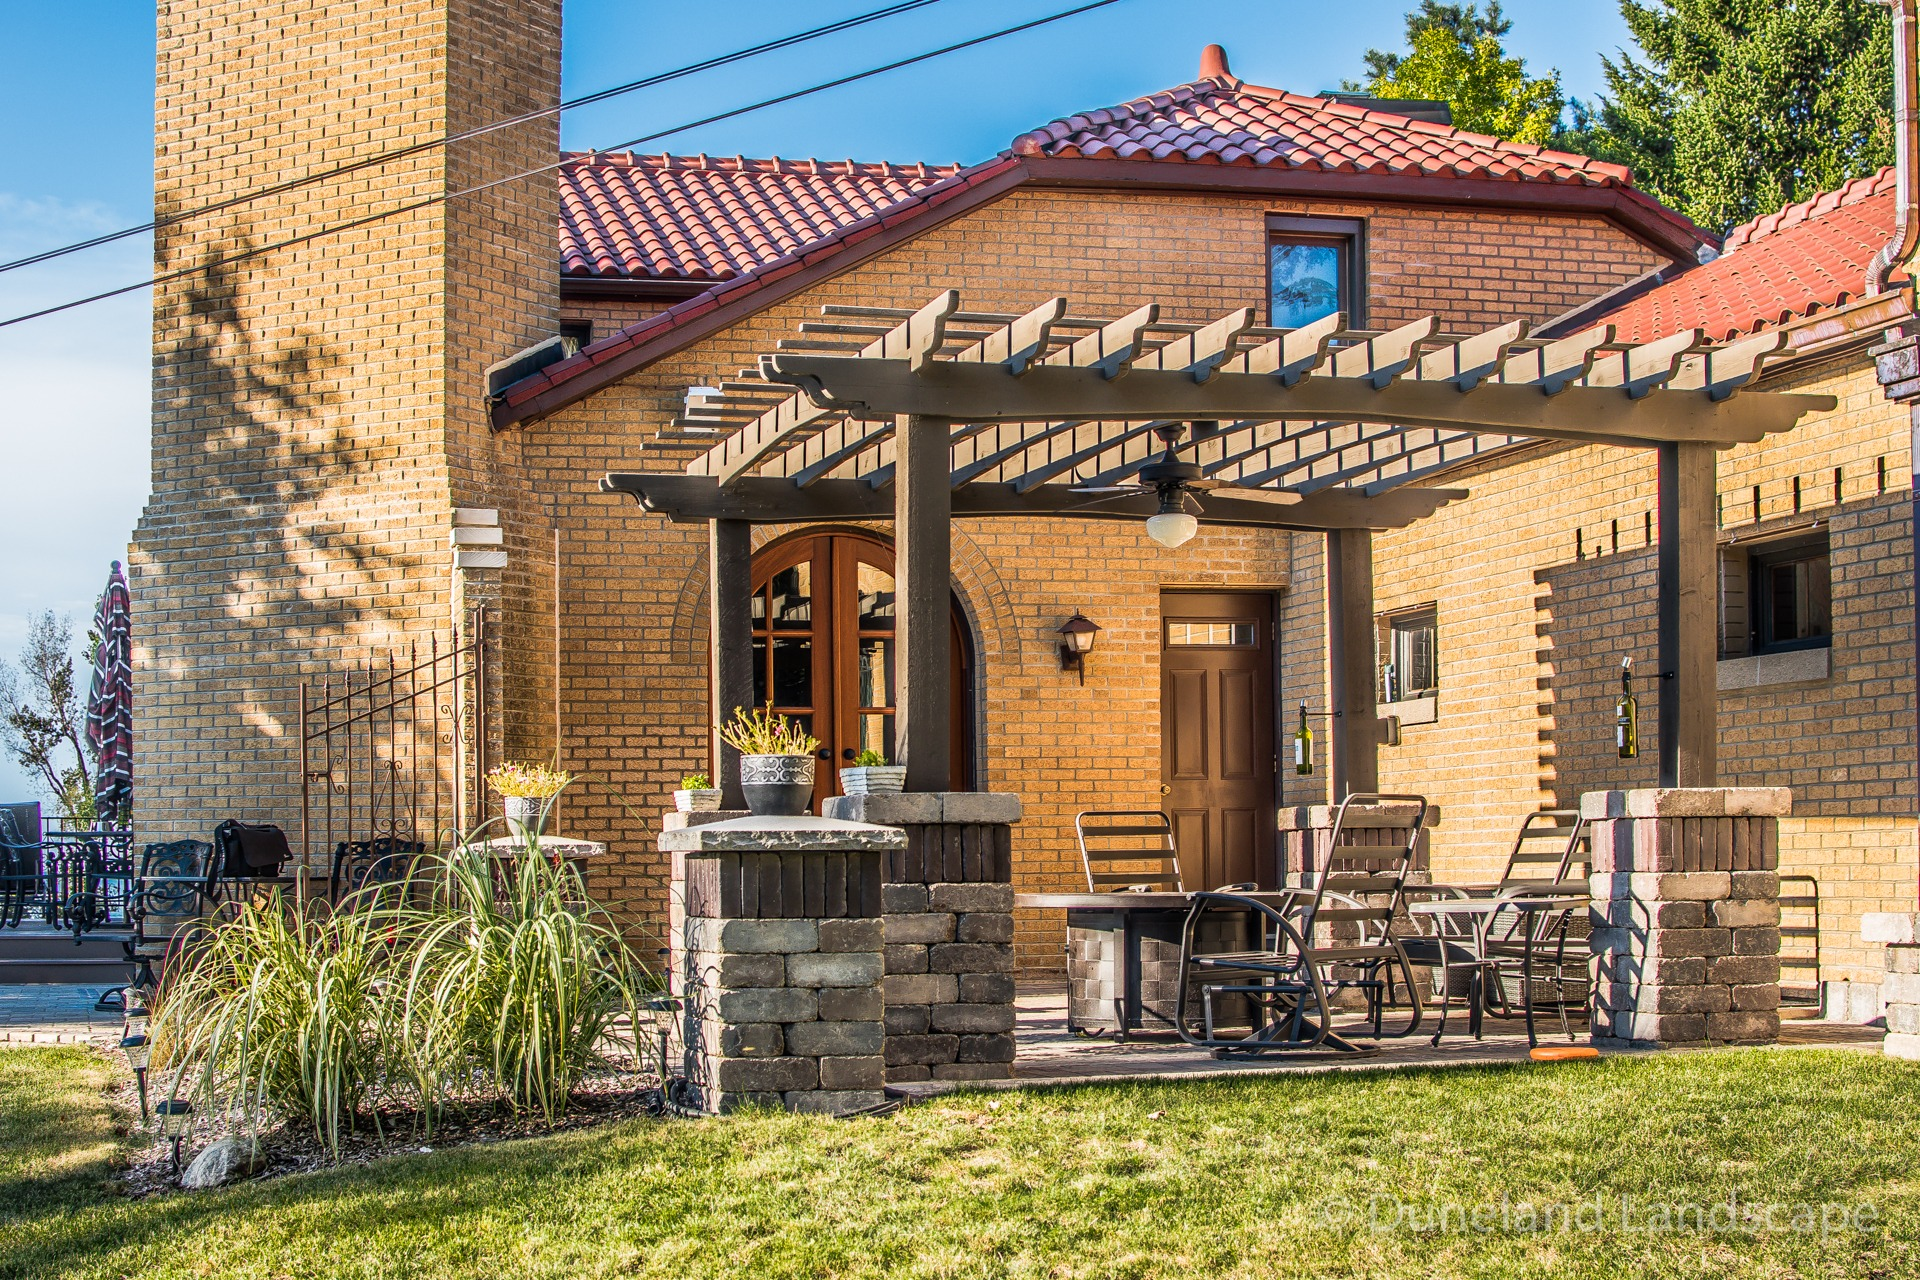 pergola over brick patio